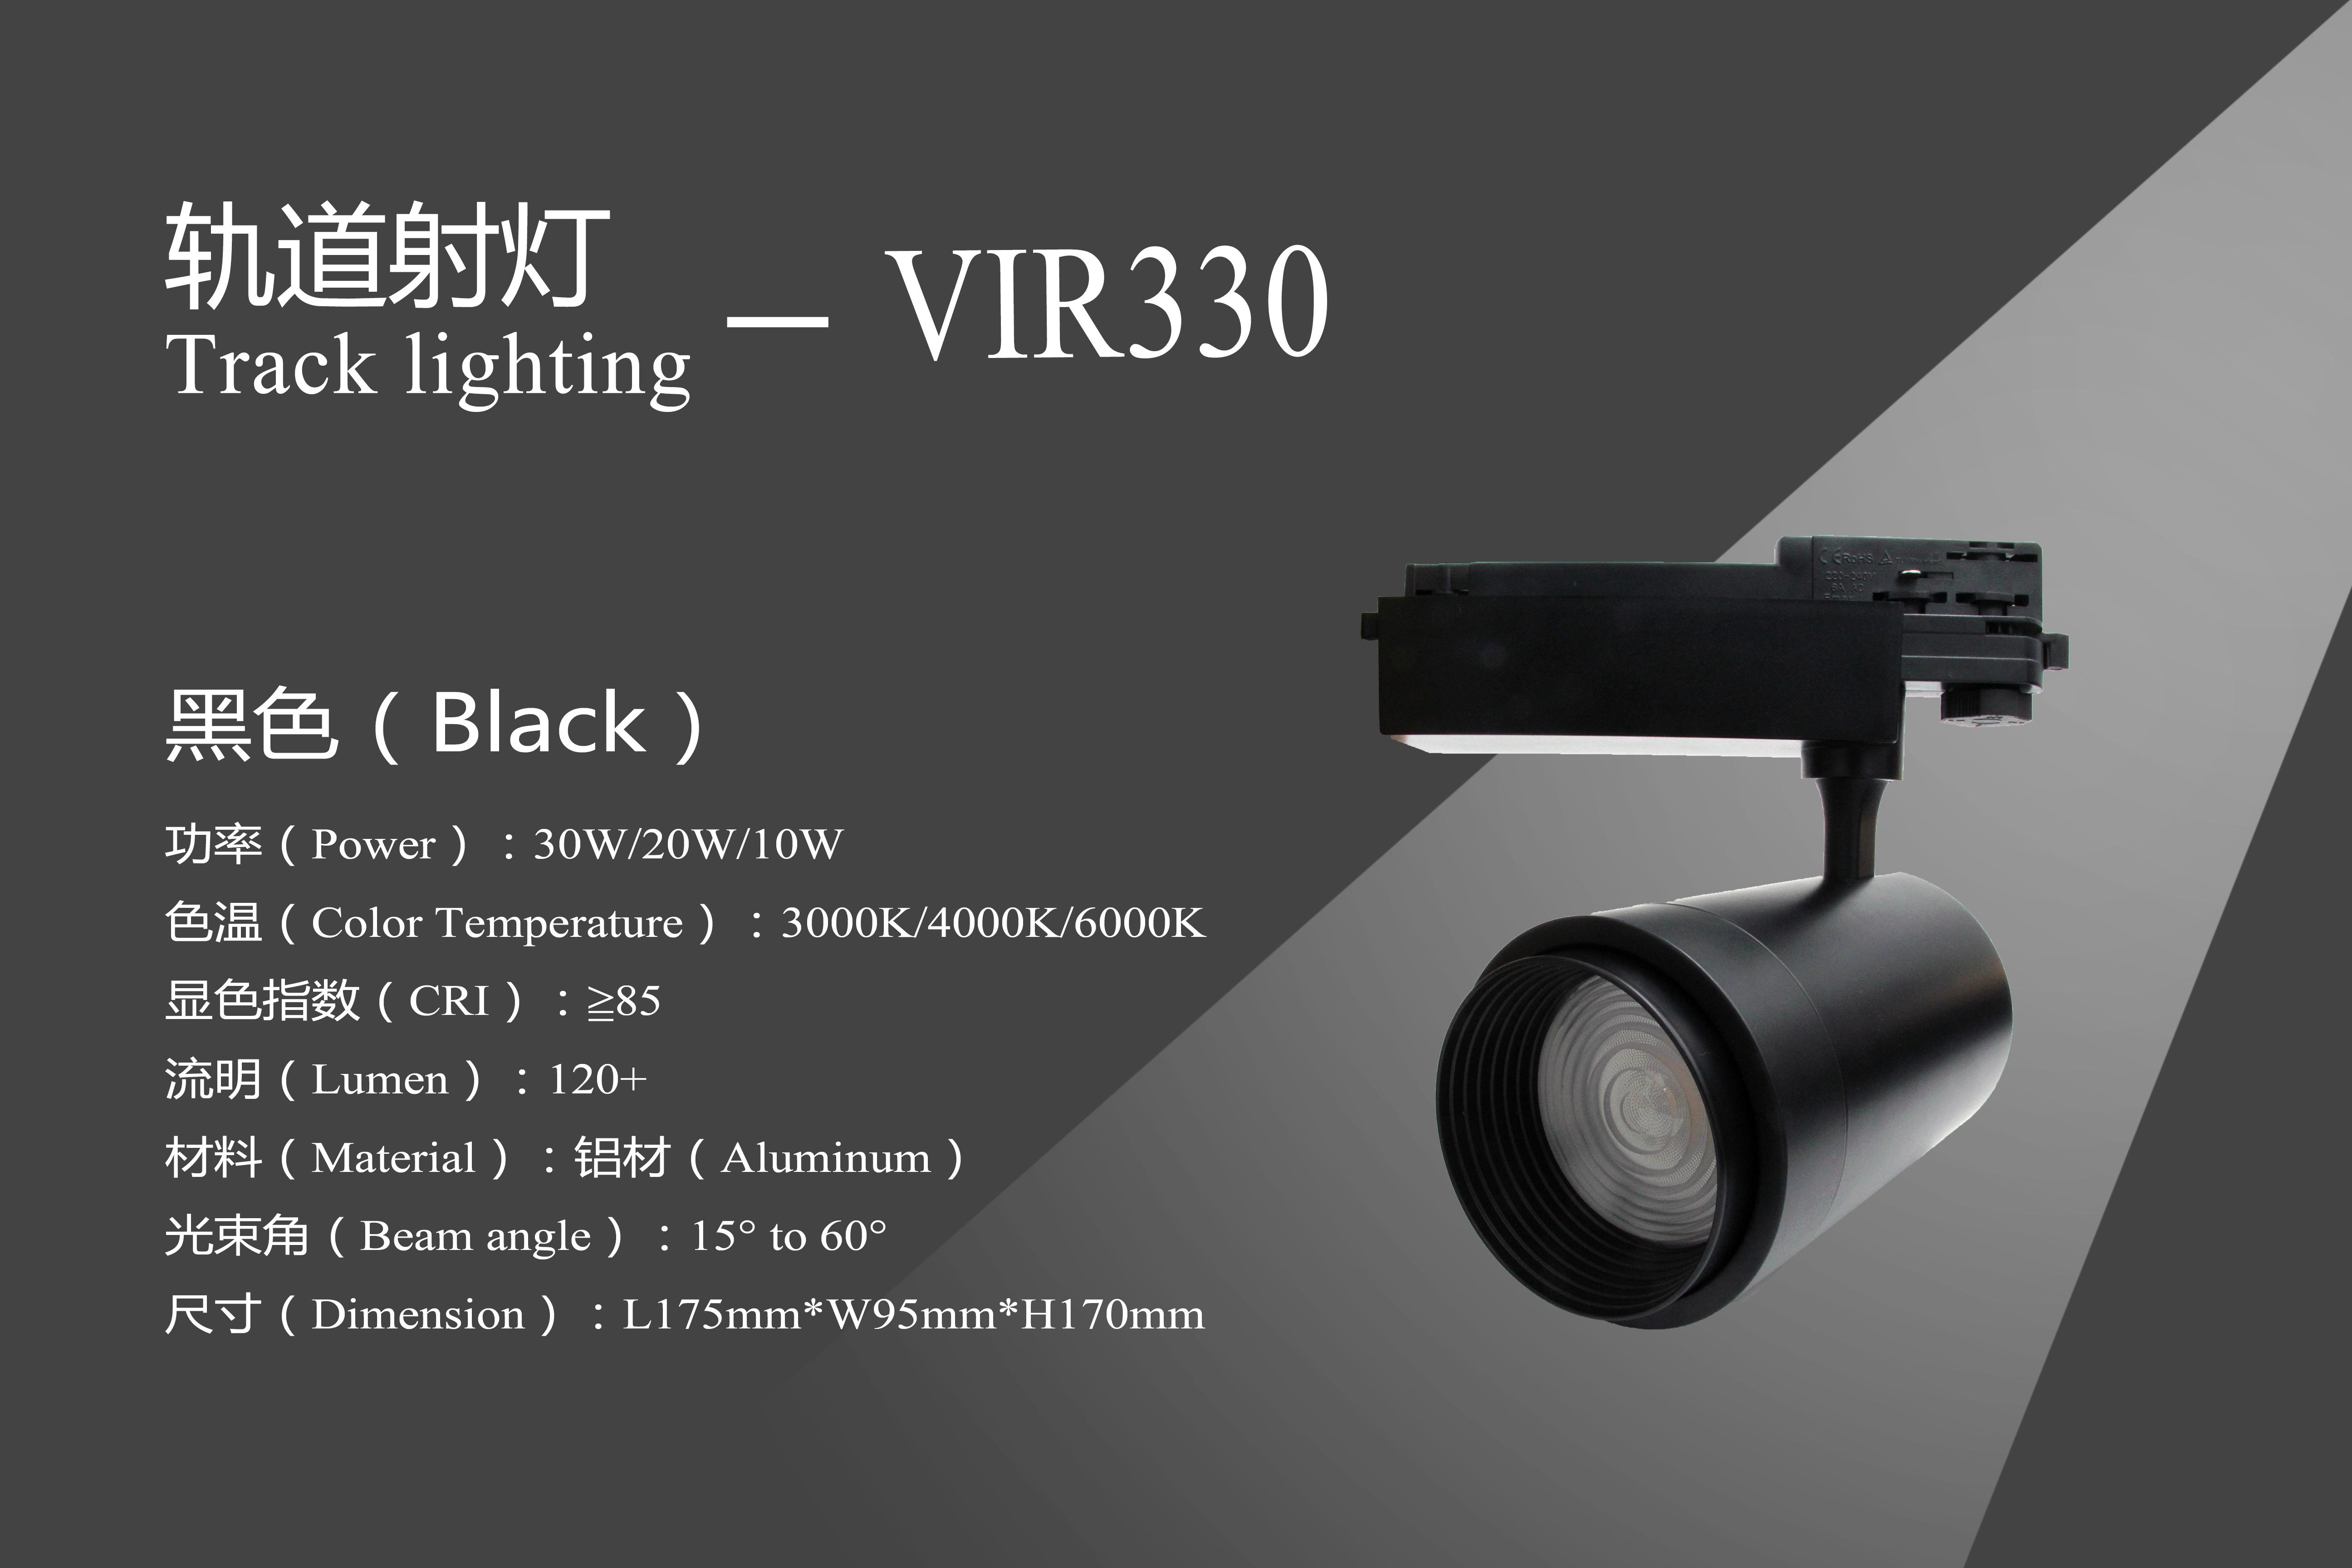 VIR330黑